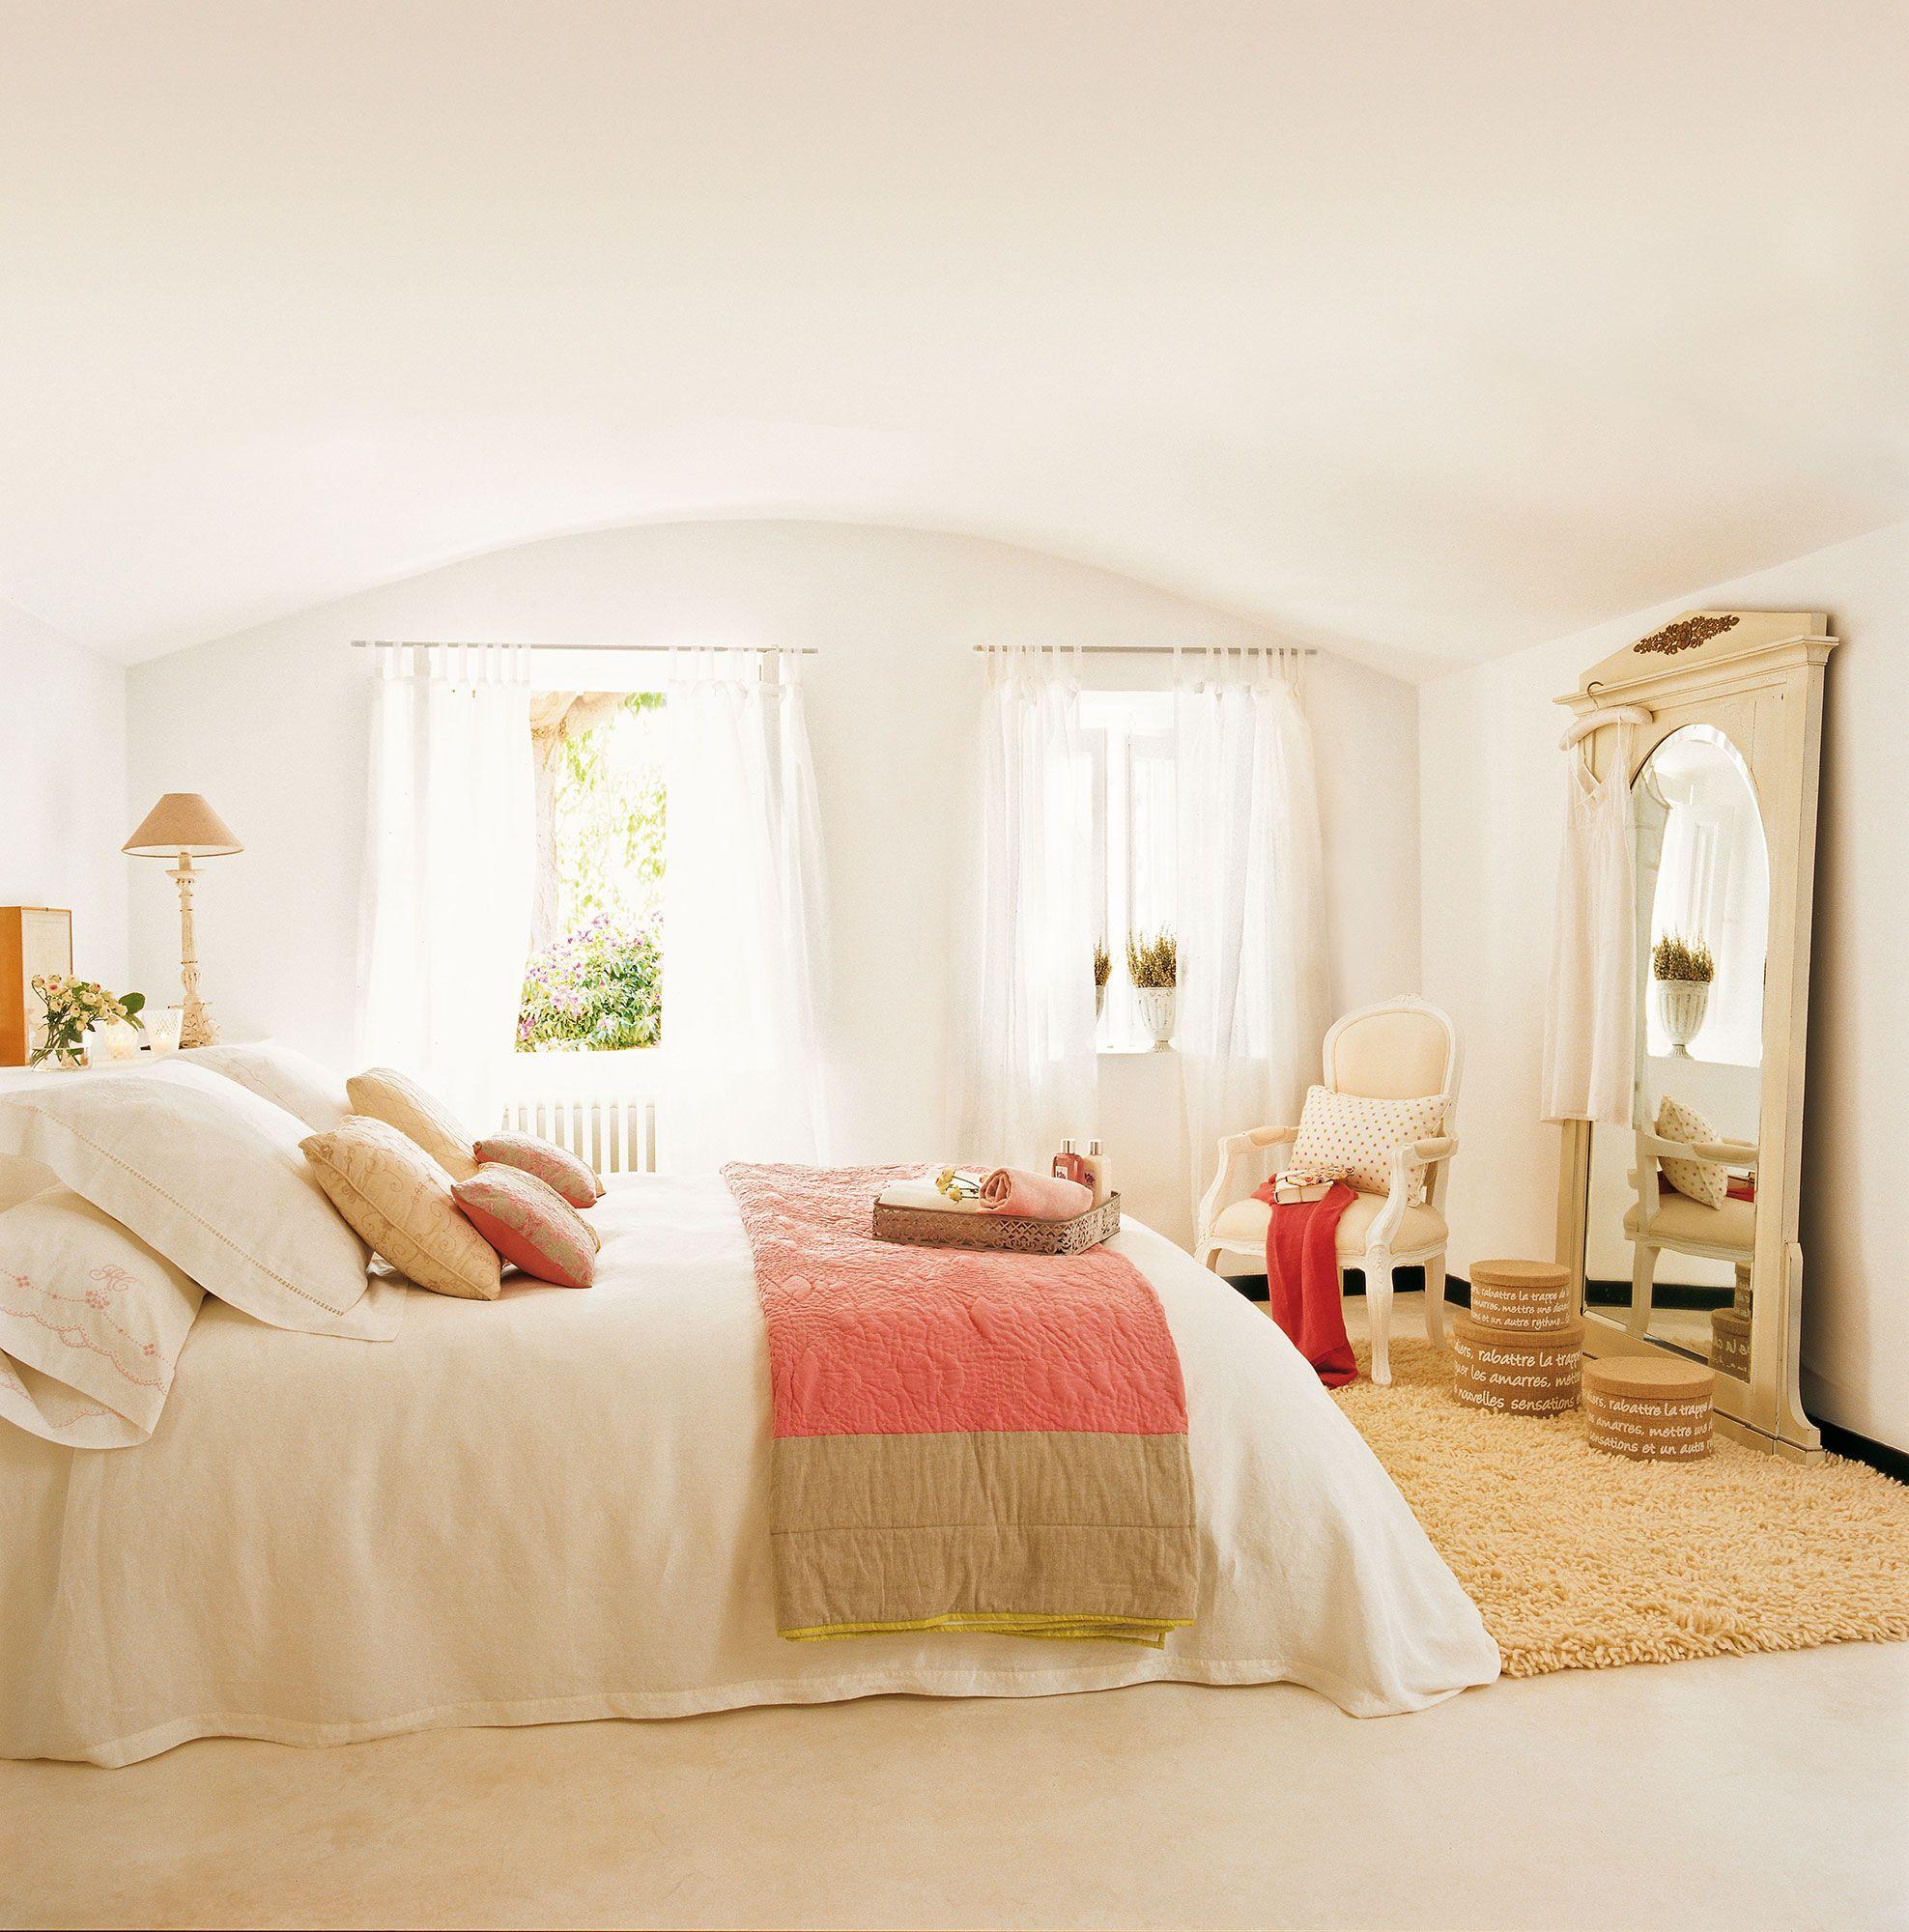 Dormitorios frescos: viste tu habitación para el verano | DECORACIÓN ...